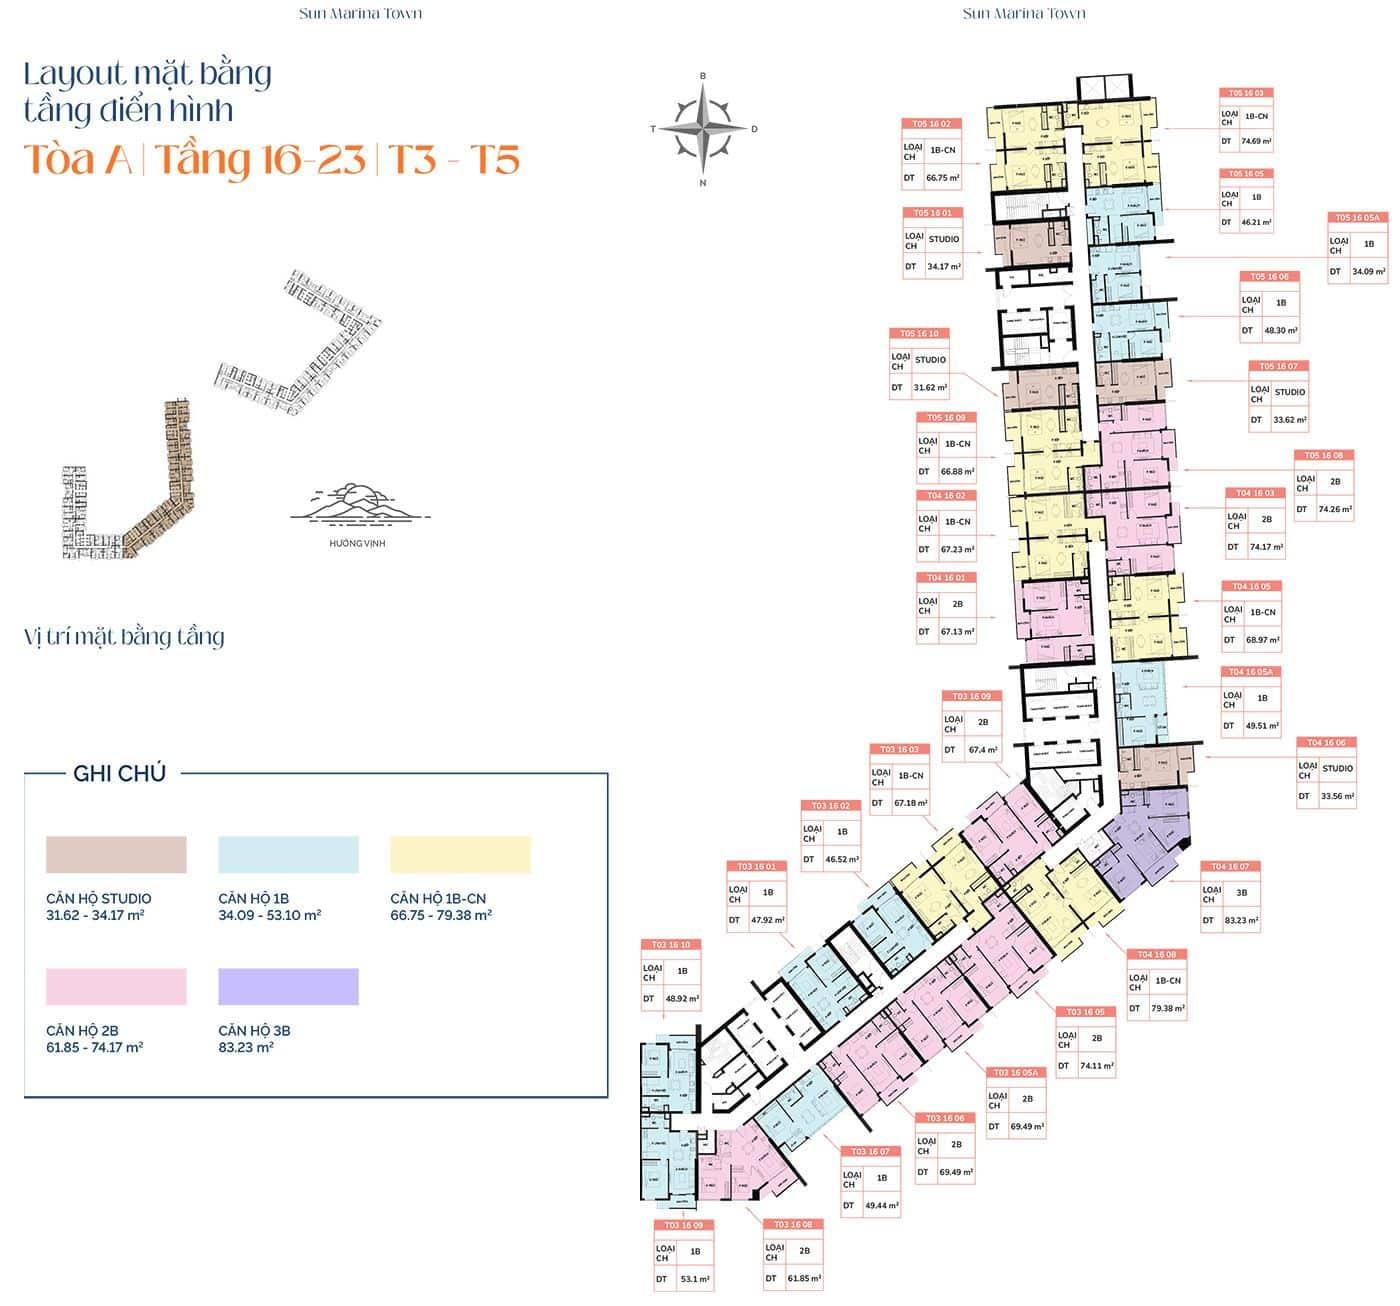 Mặt bằng tầng điển hình tòa A, từ tầng 16 đến tầng 23, T3 và T5.